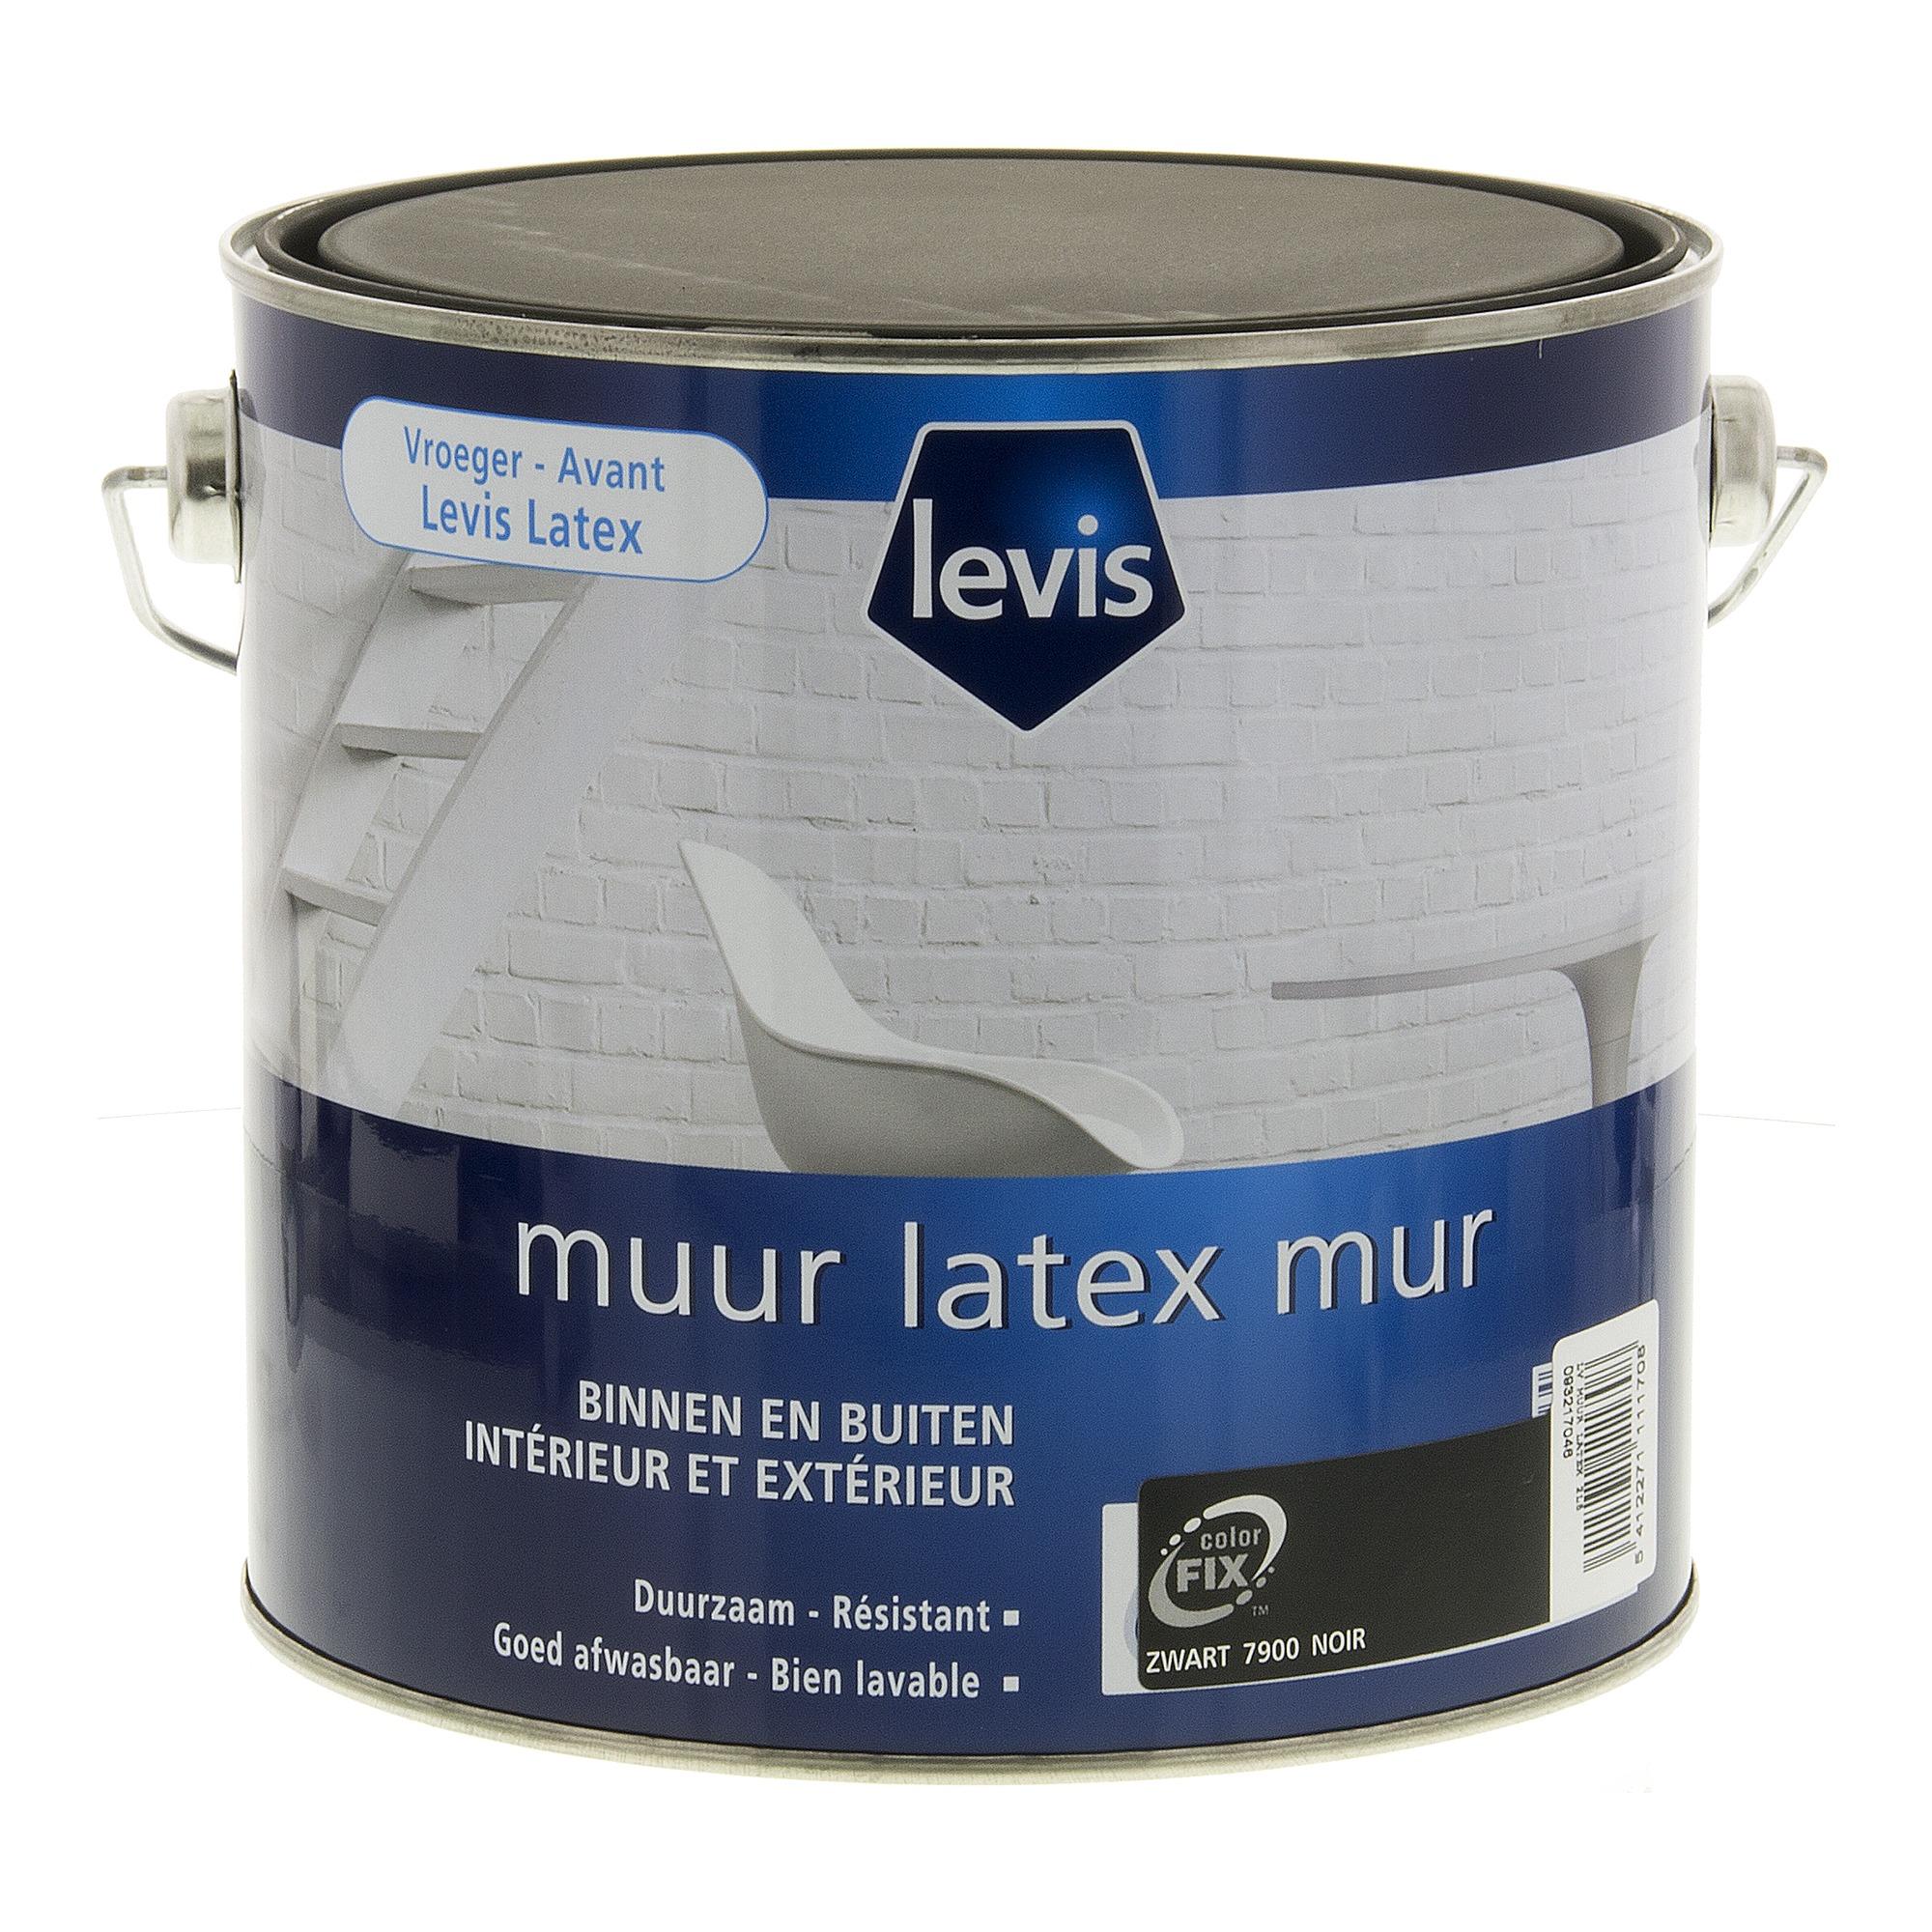 Peinture latex mur levis mat noir 2 5 l peinture mur for Levis peinture salle de bain